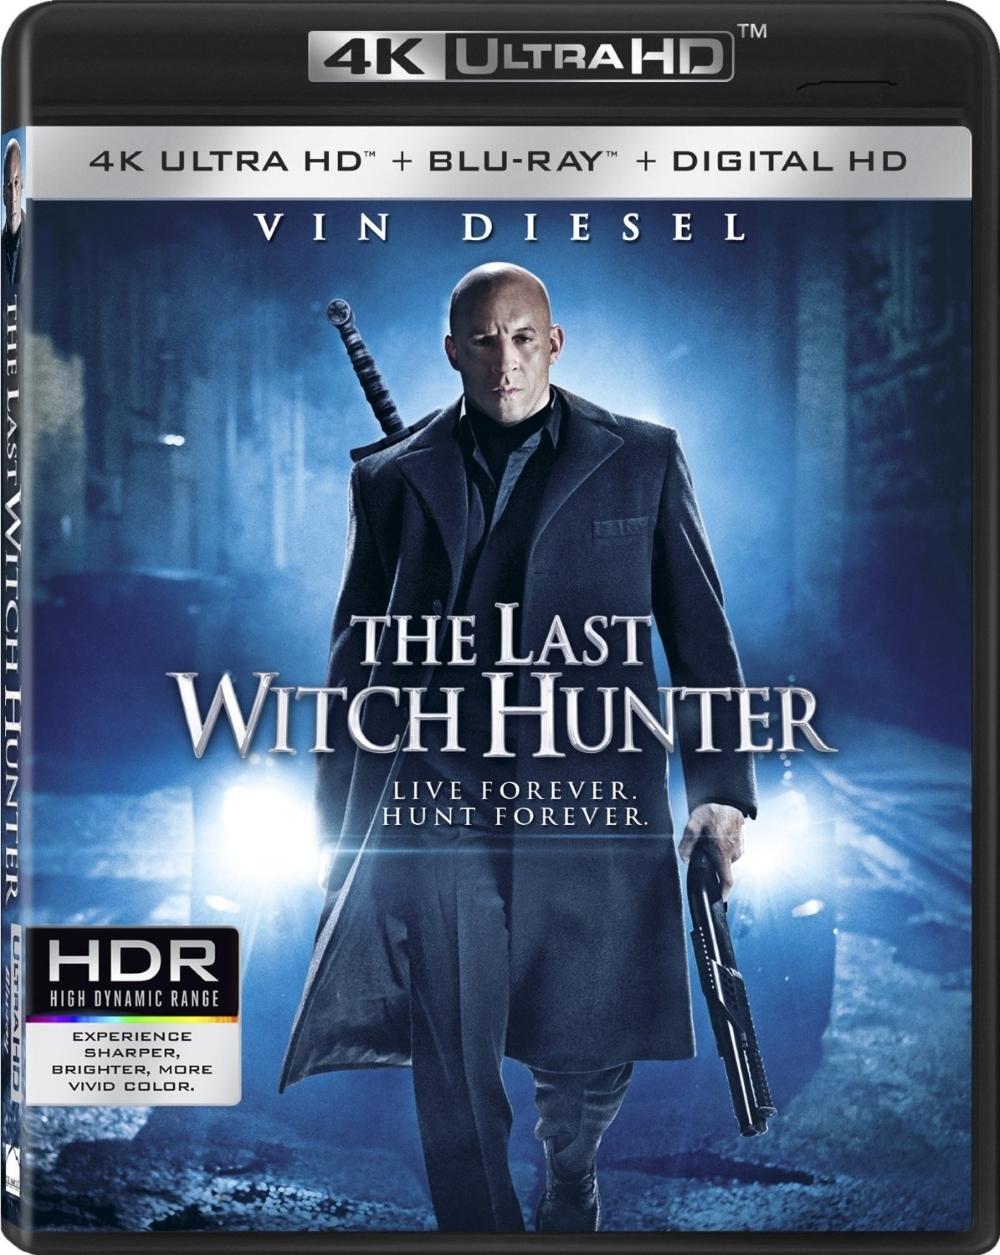 The last witch hunter  4k ultra hd uhd   blu ray   digital hd ultraviolet uv